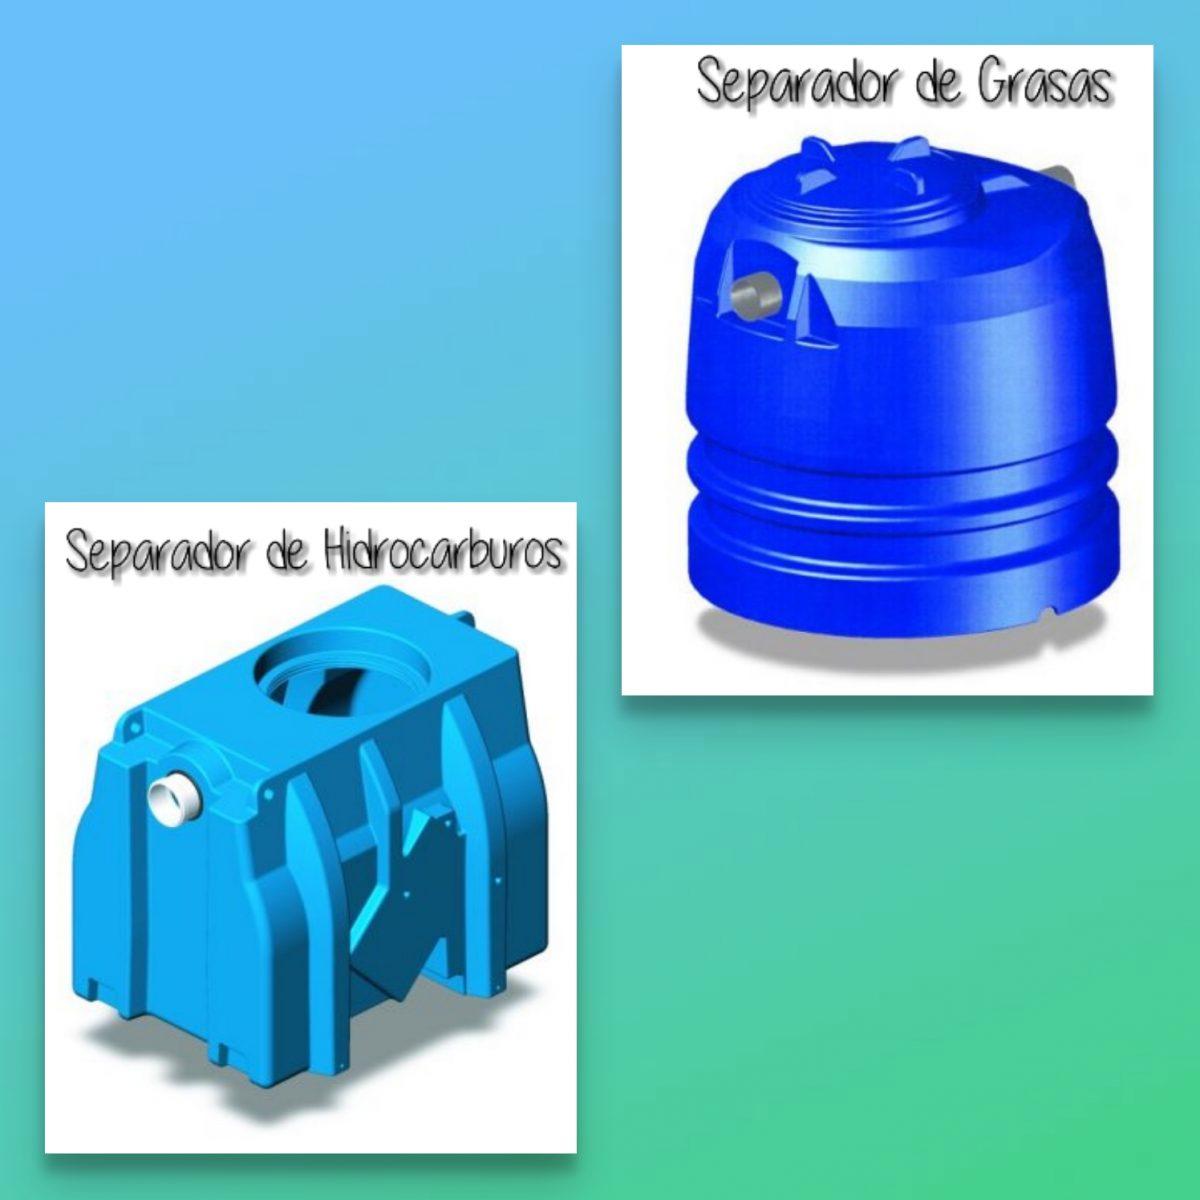 Código Técnico de la Edificación (CTE) recoge a petición de AQUA ESPAÑA de hacer un comentario aclarativo relativo a la diferenciación entre Separadores  de Grasas e Hidrocarburos